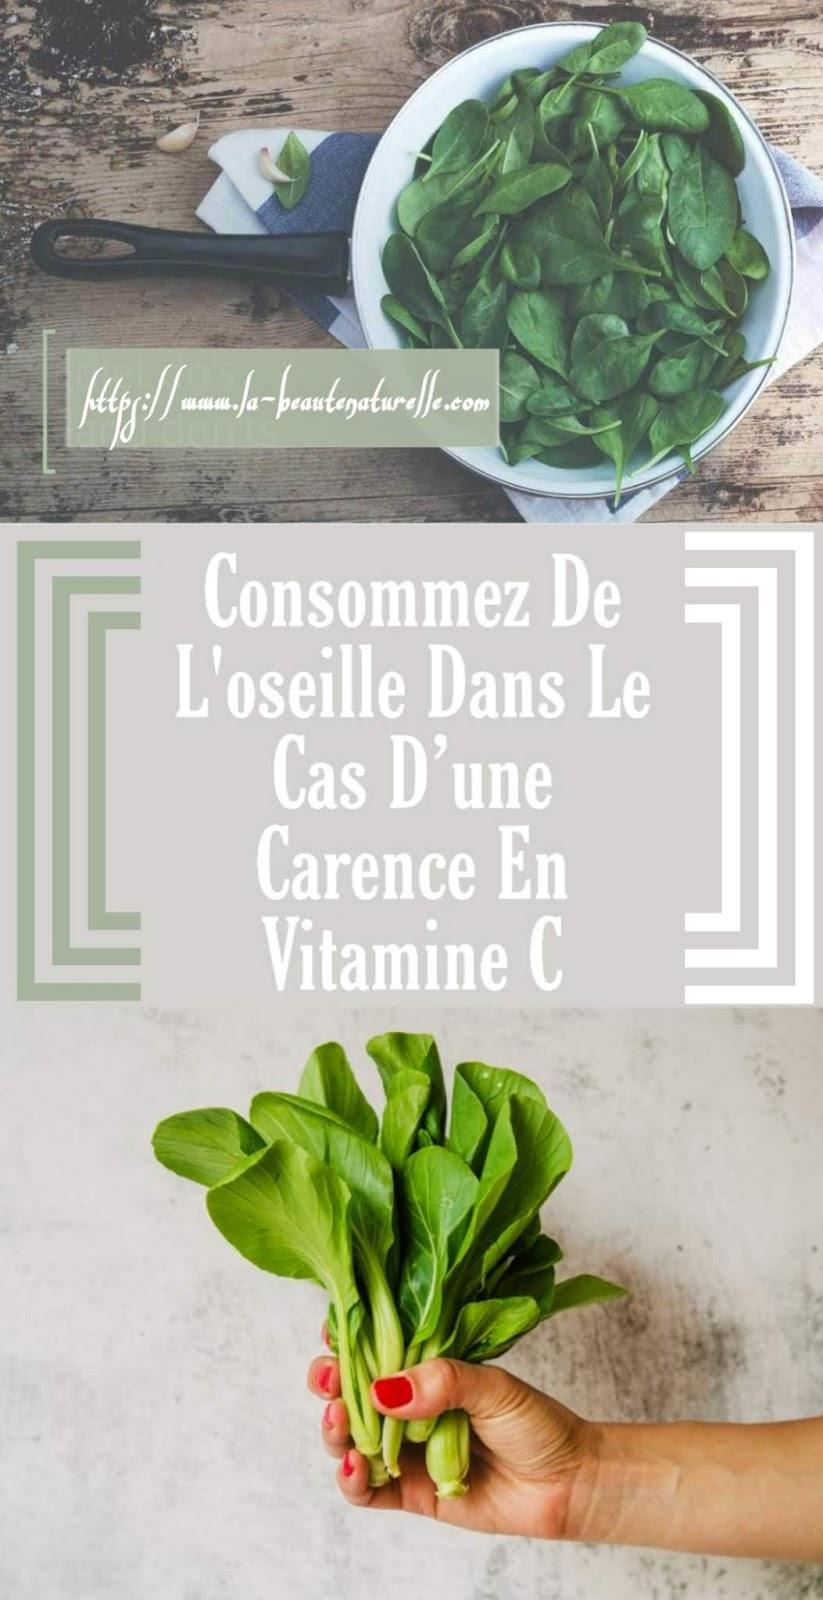 Consommez De L'oseille Dans Le Cas D'une Carence En Vitamine C